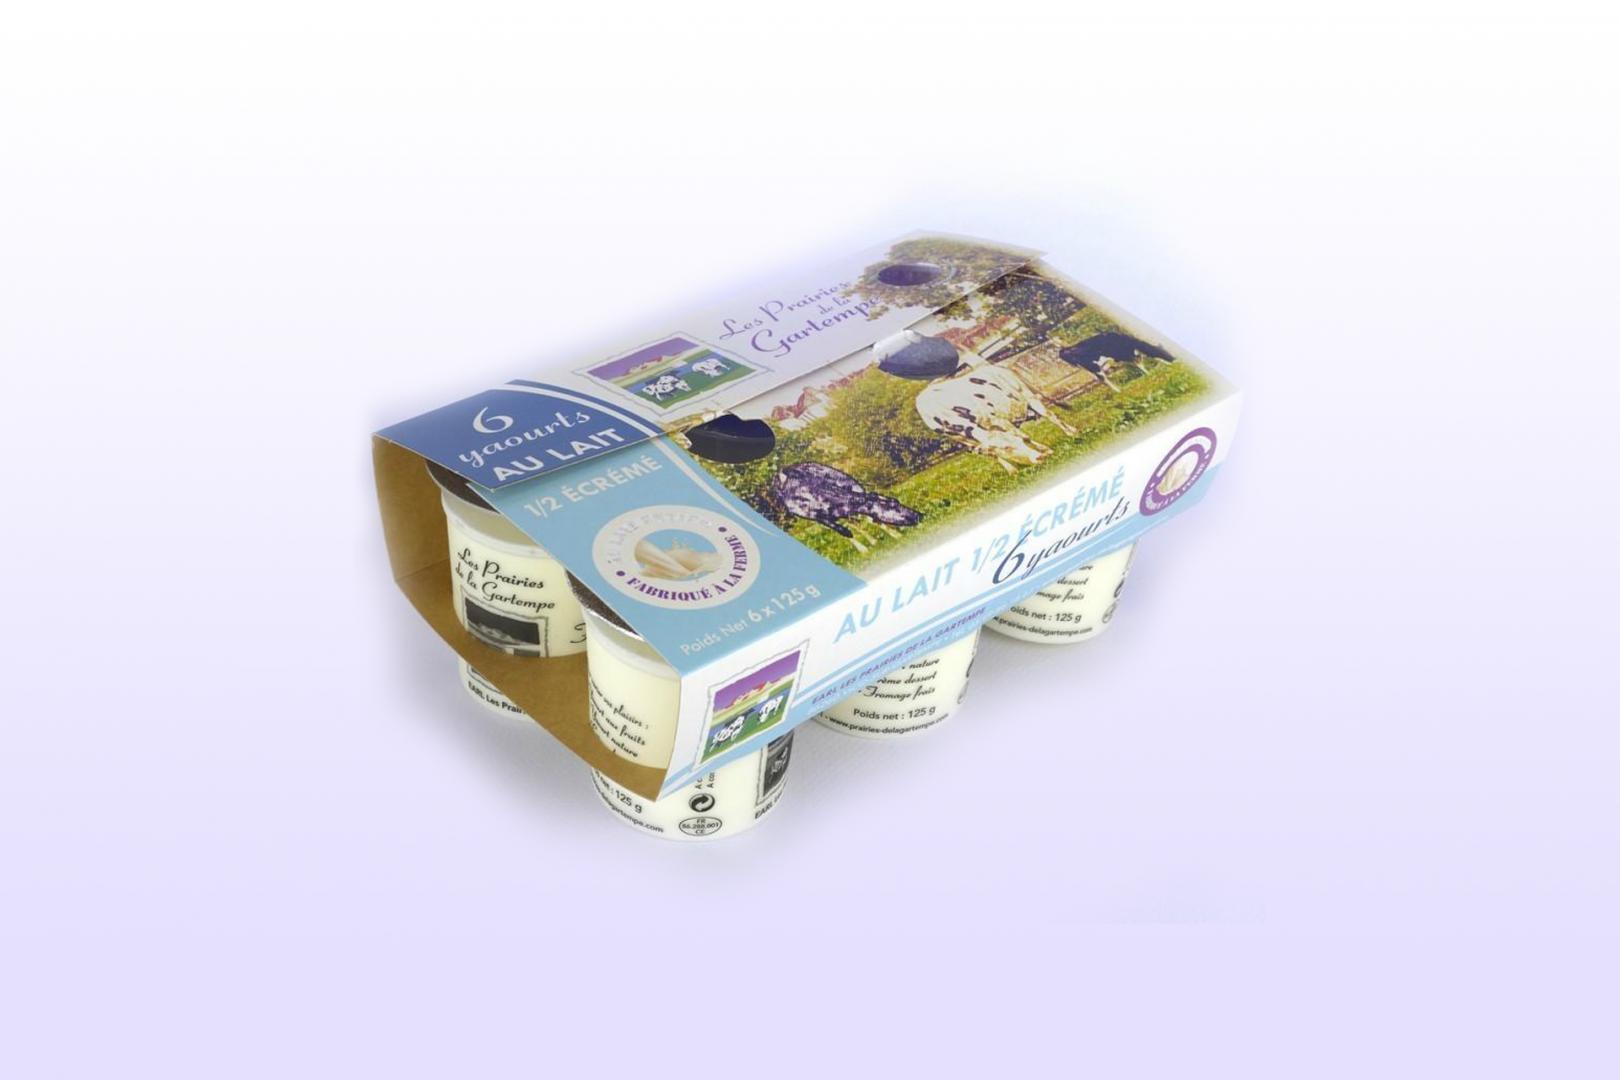 Ferme laitière à Vicq-sur-Gartempe - yaourts de la ferme